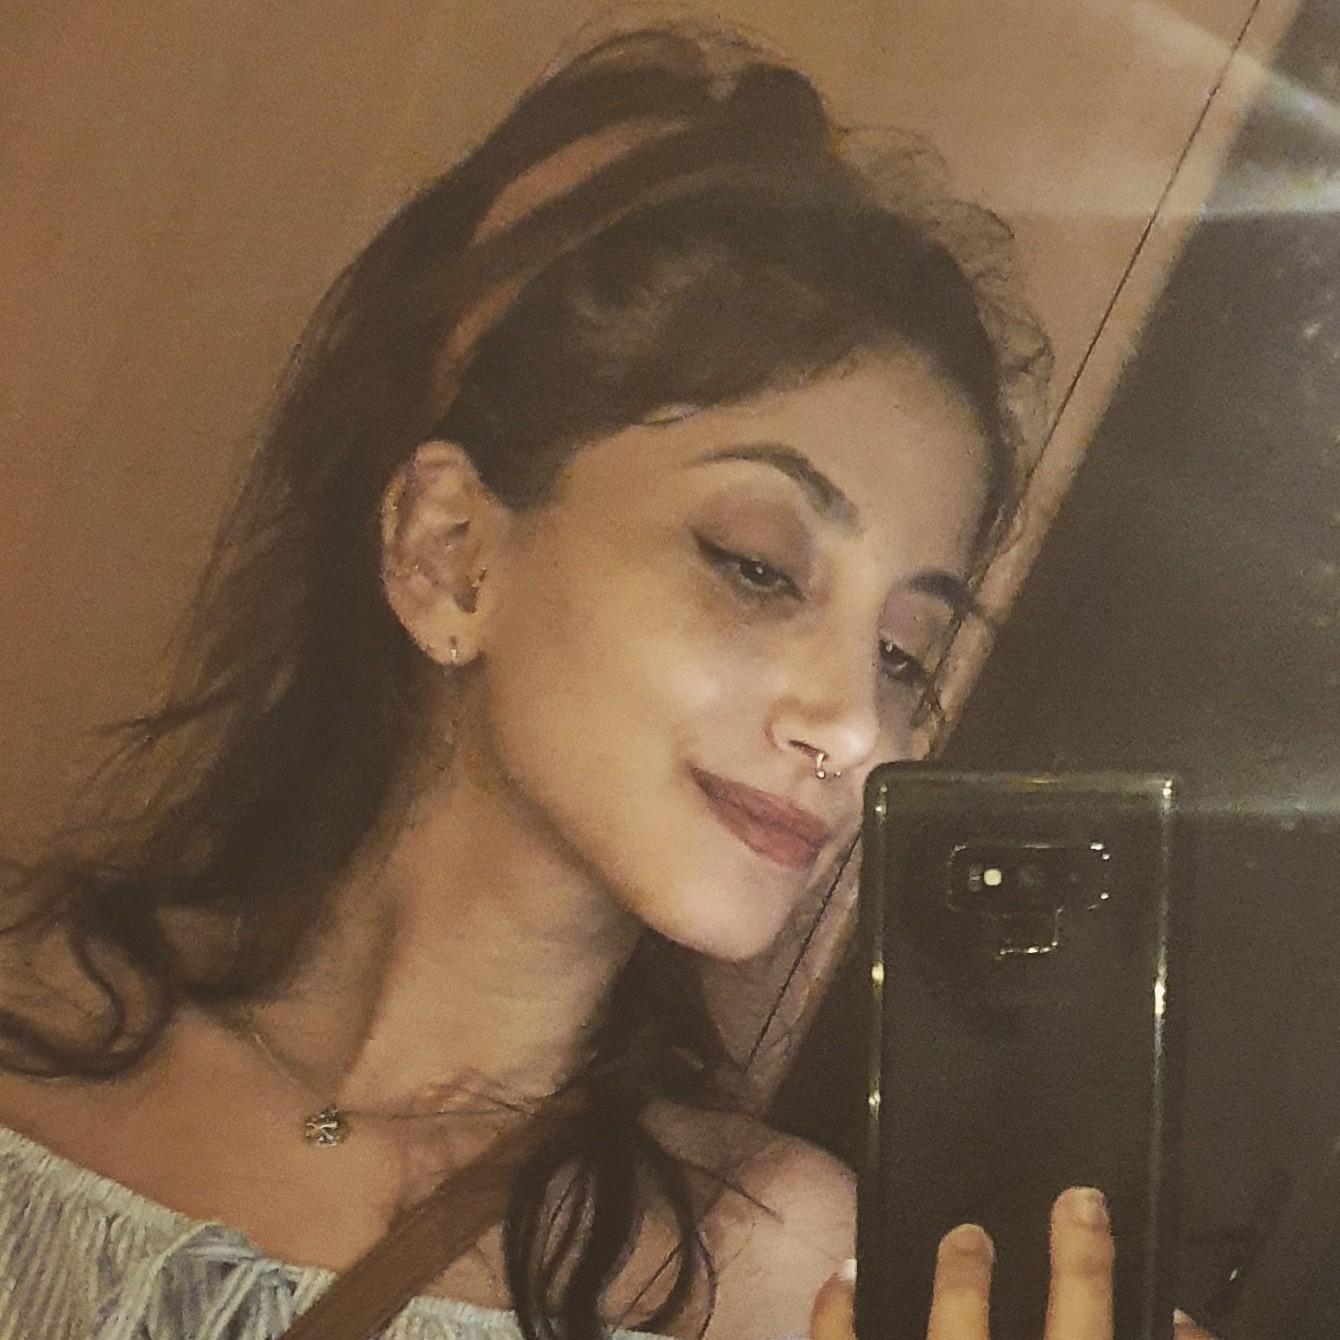 Elissa Youssef